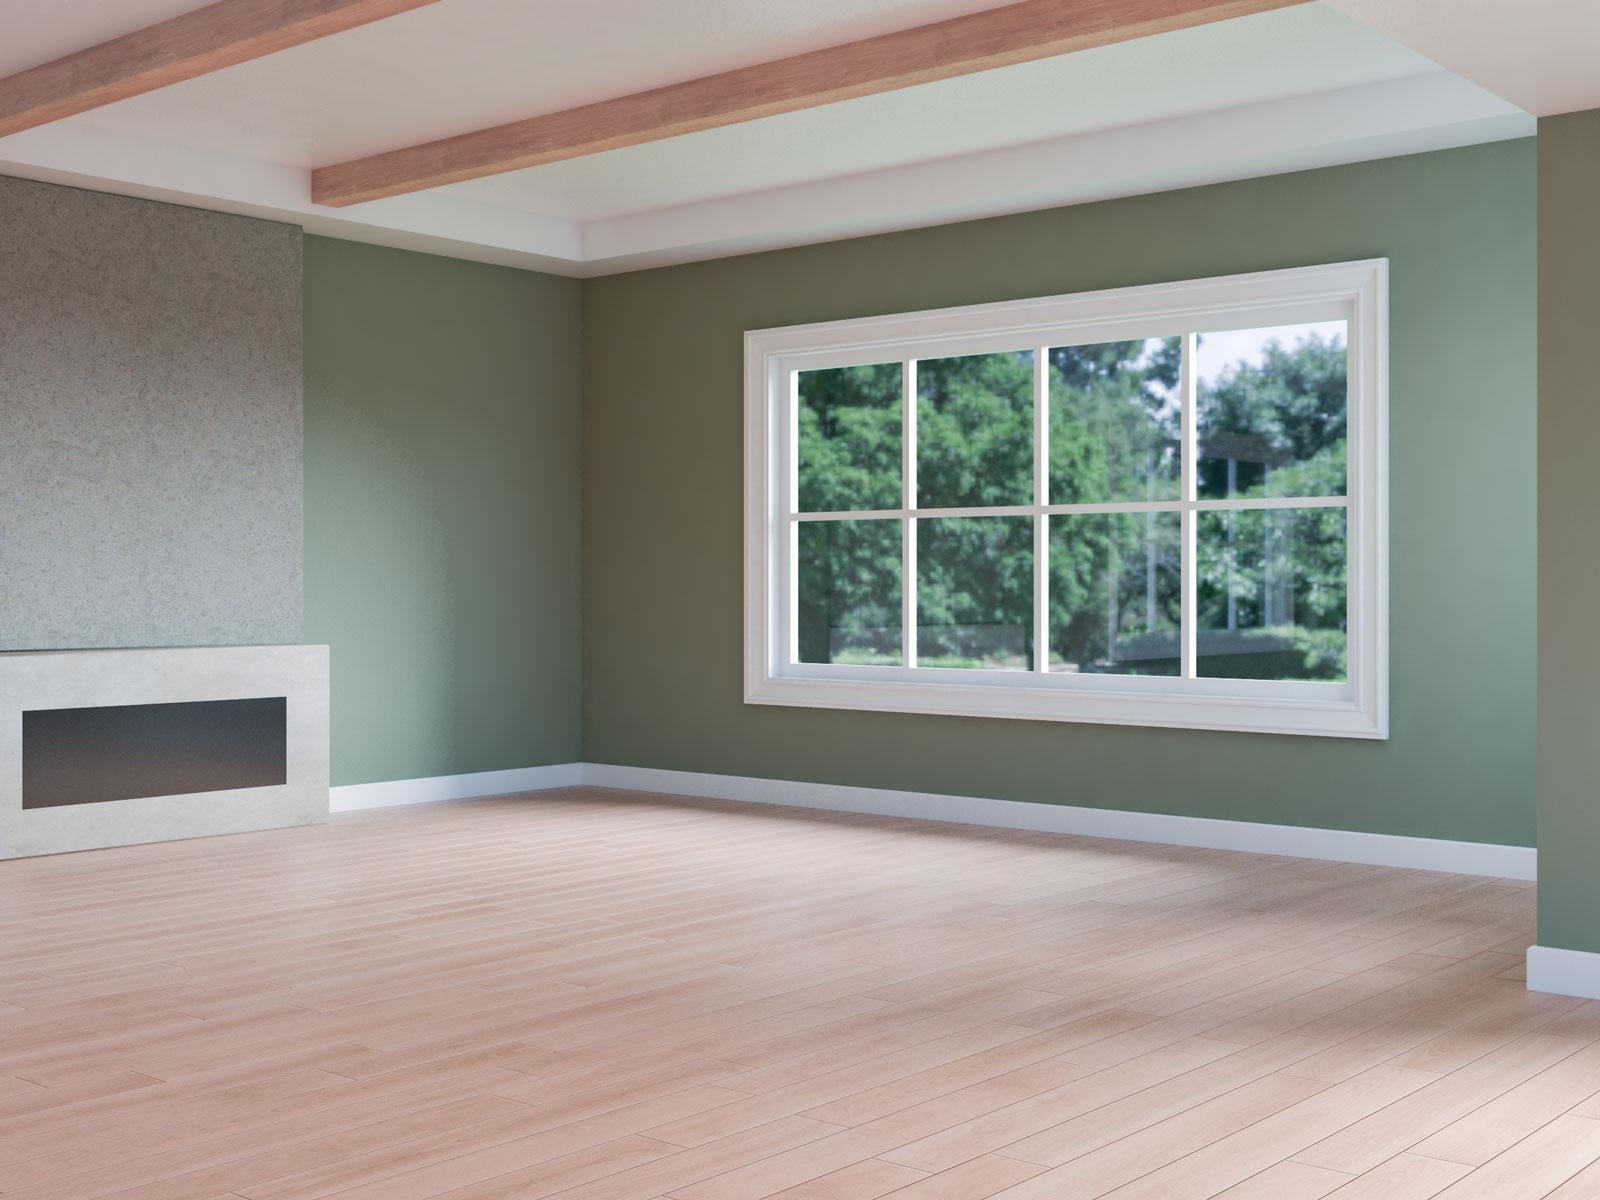 Artichoke walls inside a room with red oak flooring